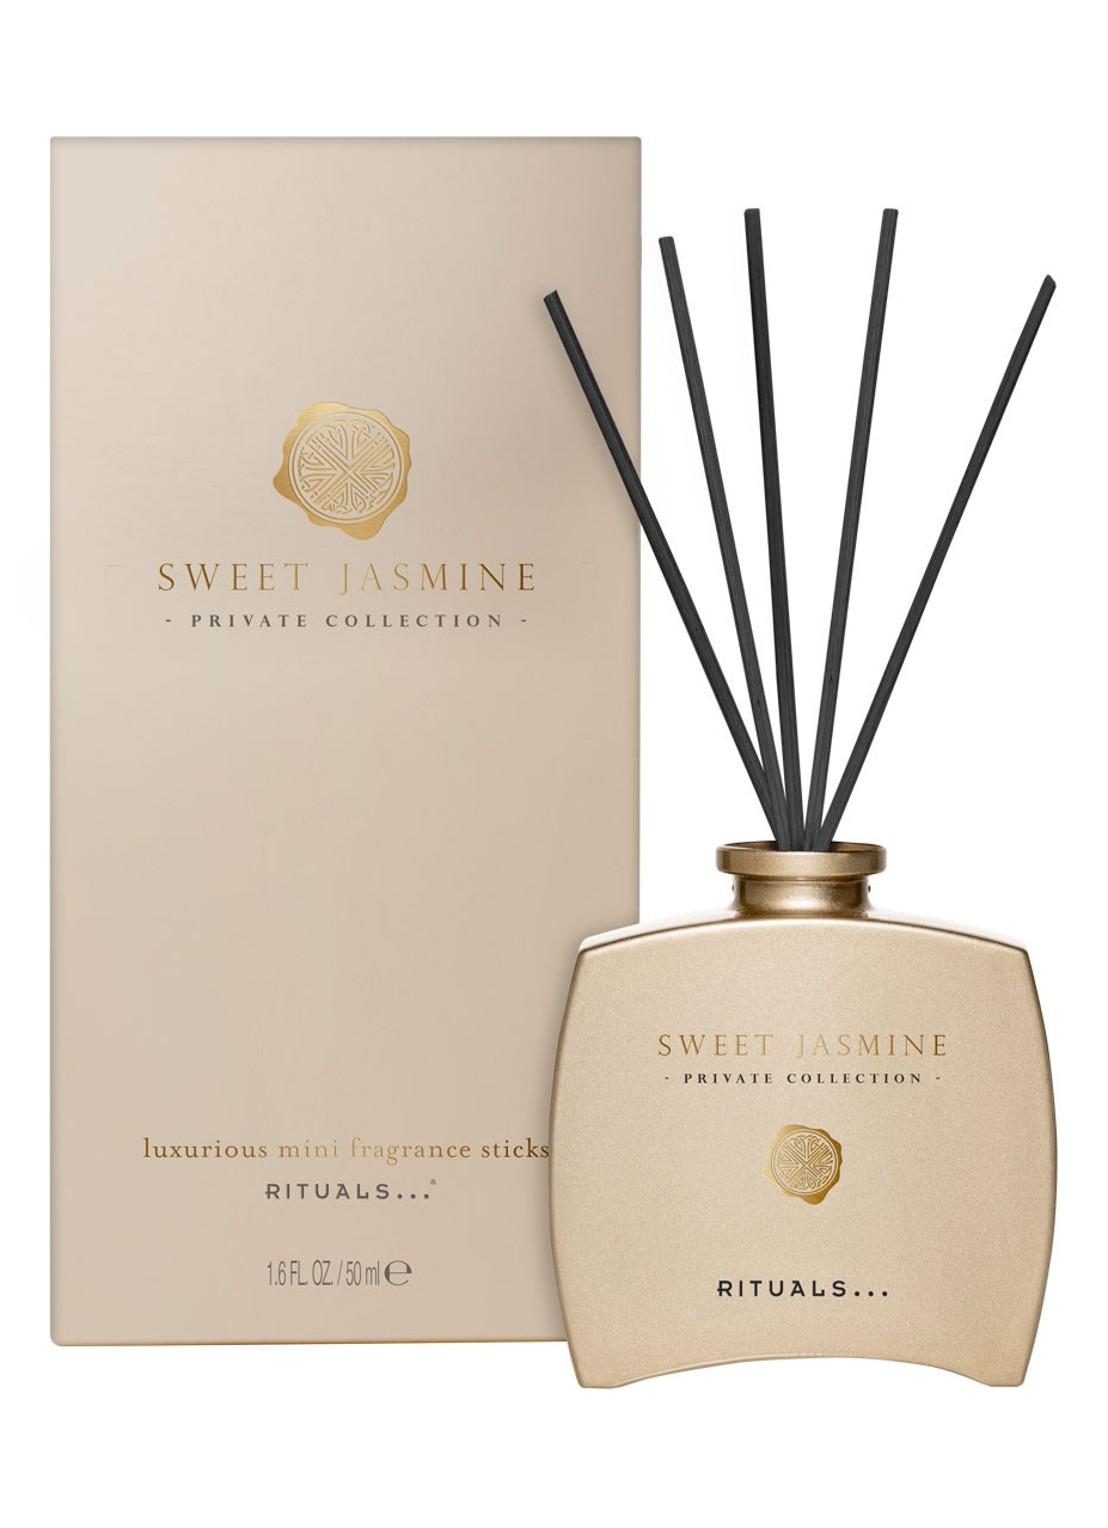 Gratis Rituals Sweet Jasmine Duft 50 ml ab 40€ MBW